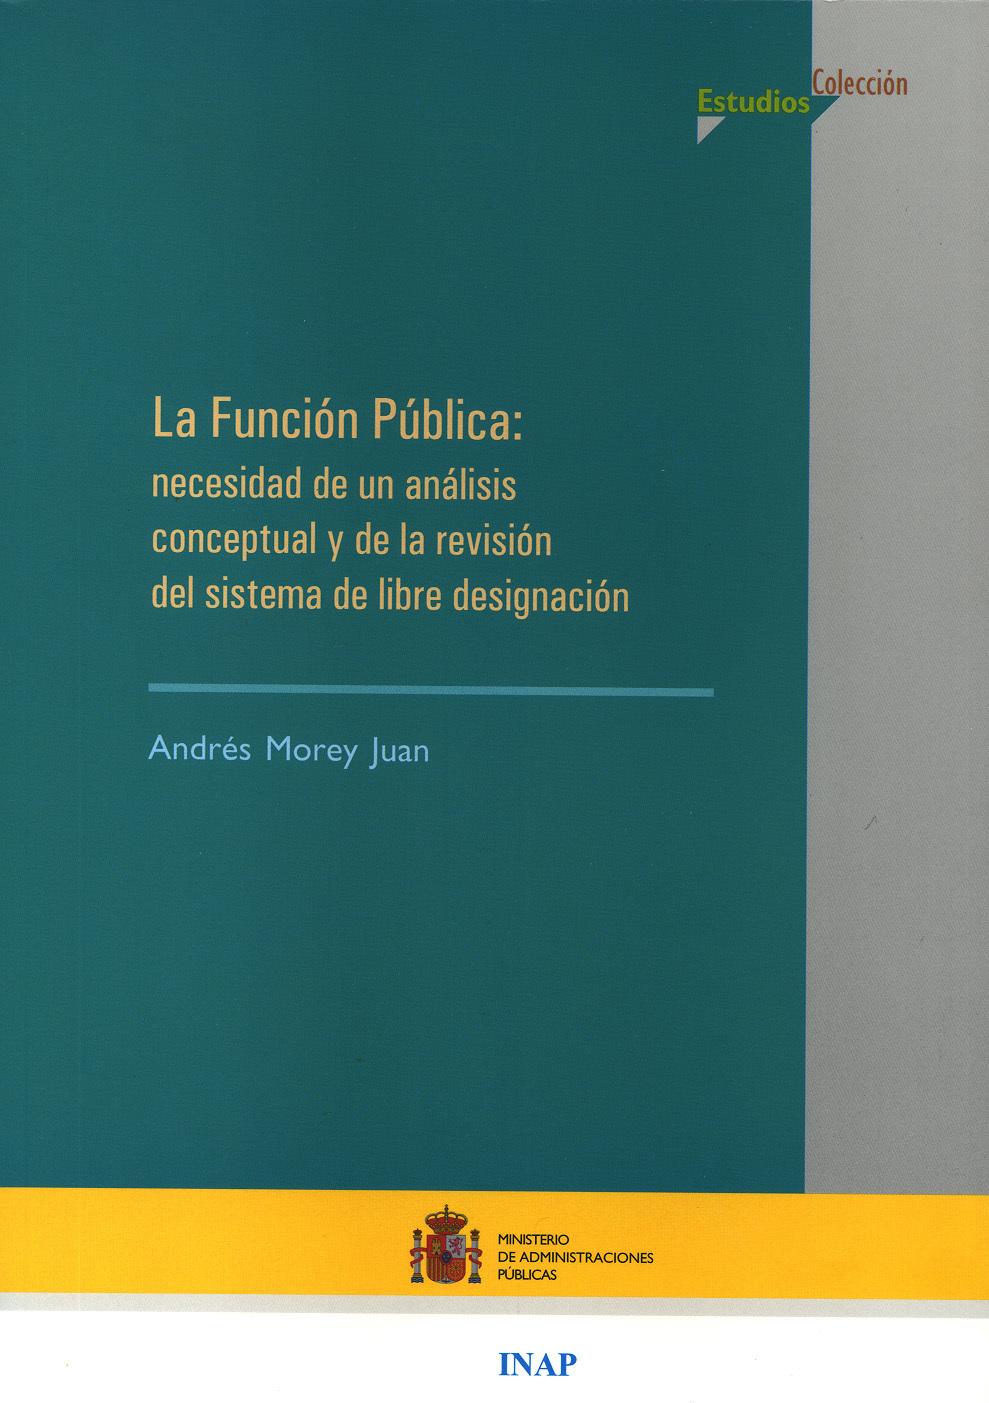 La Función Pública: necesidad de un análisis conceptual y de la revisión del sistema de libre designación